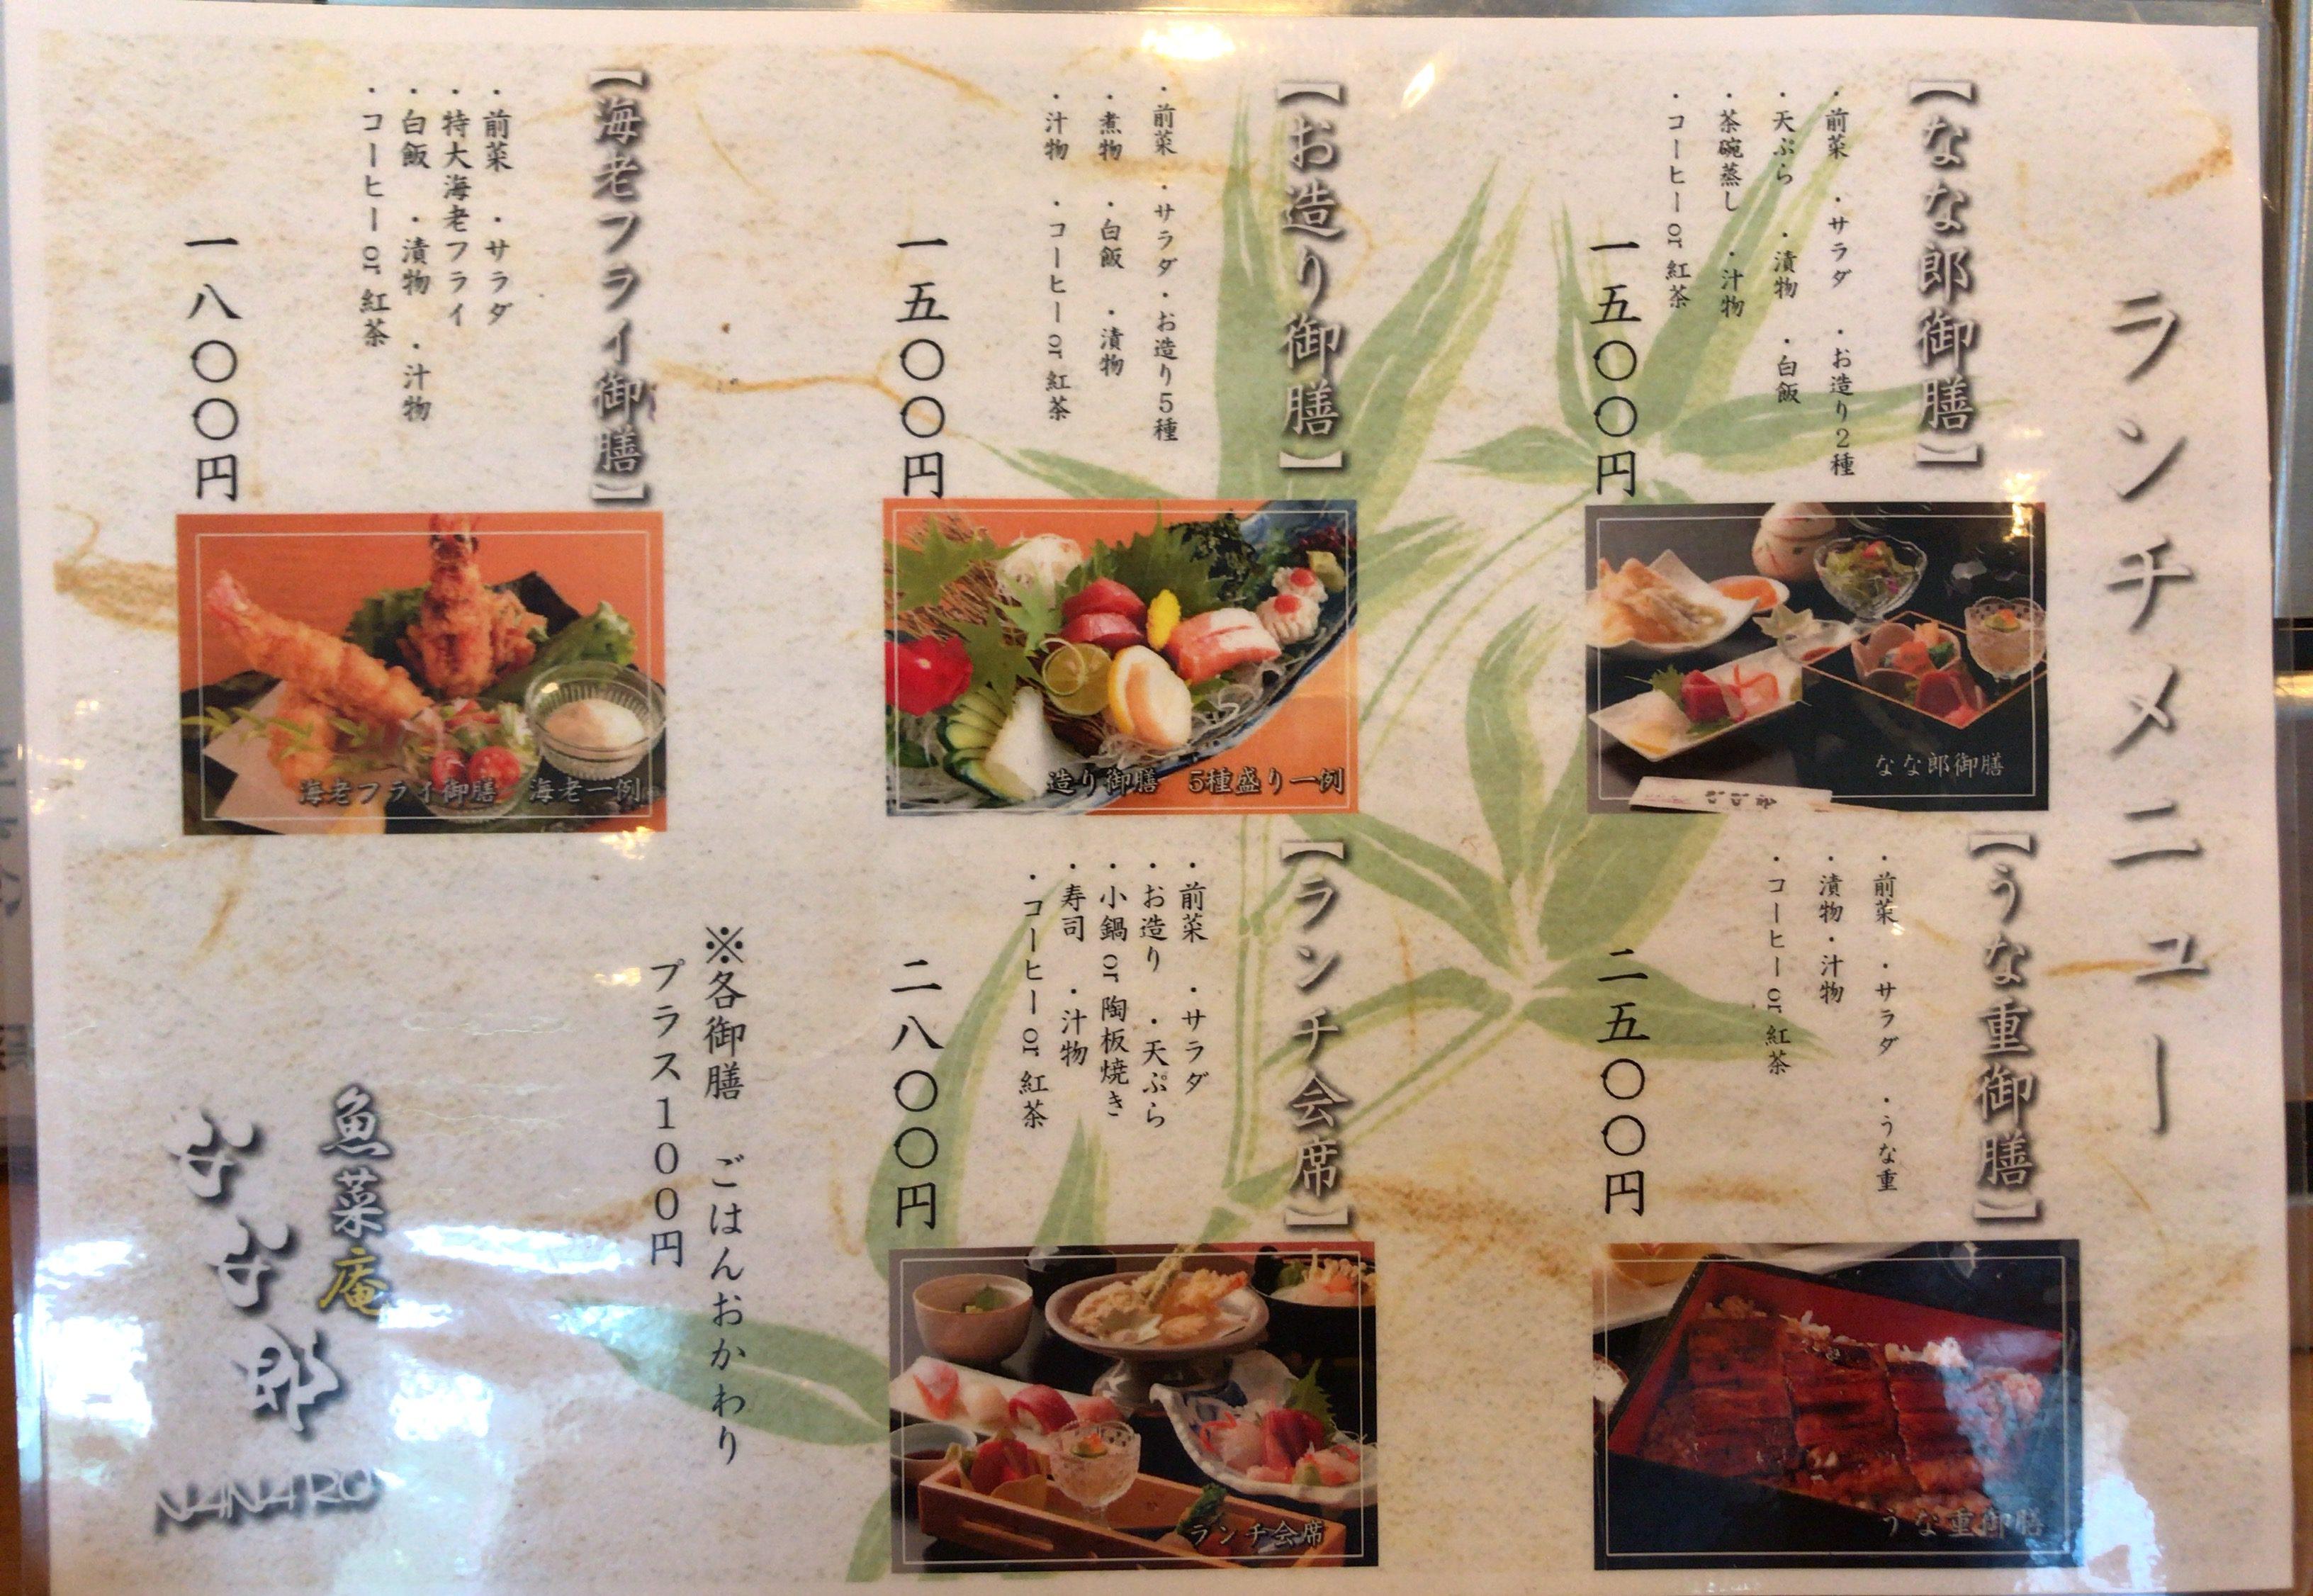 橿原・畝傍御陵前駅近くでランチができる食事処「なな郎」のランチメニュー